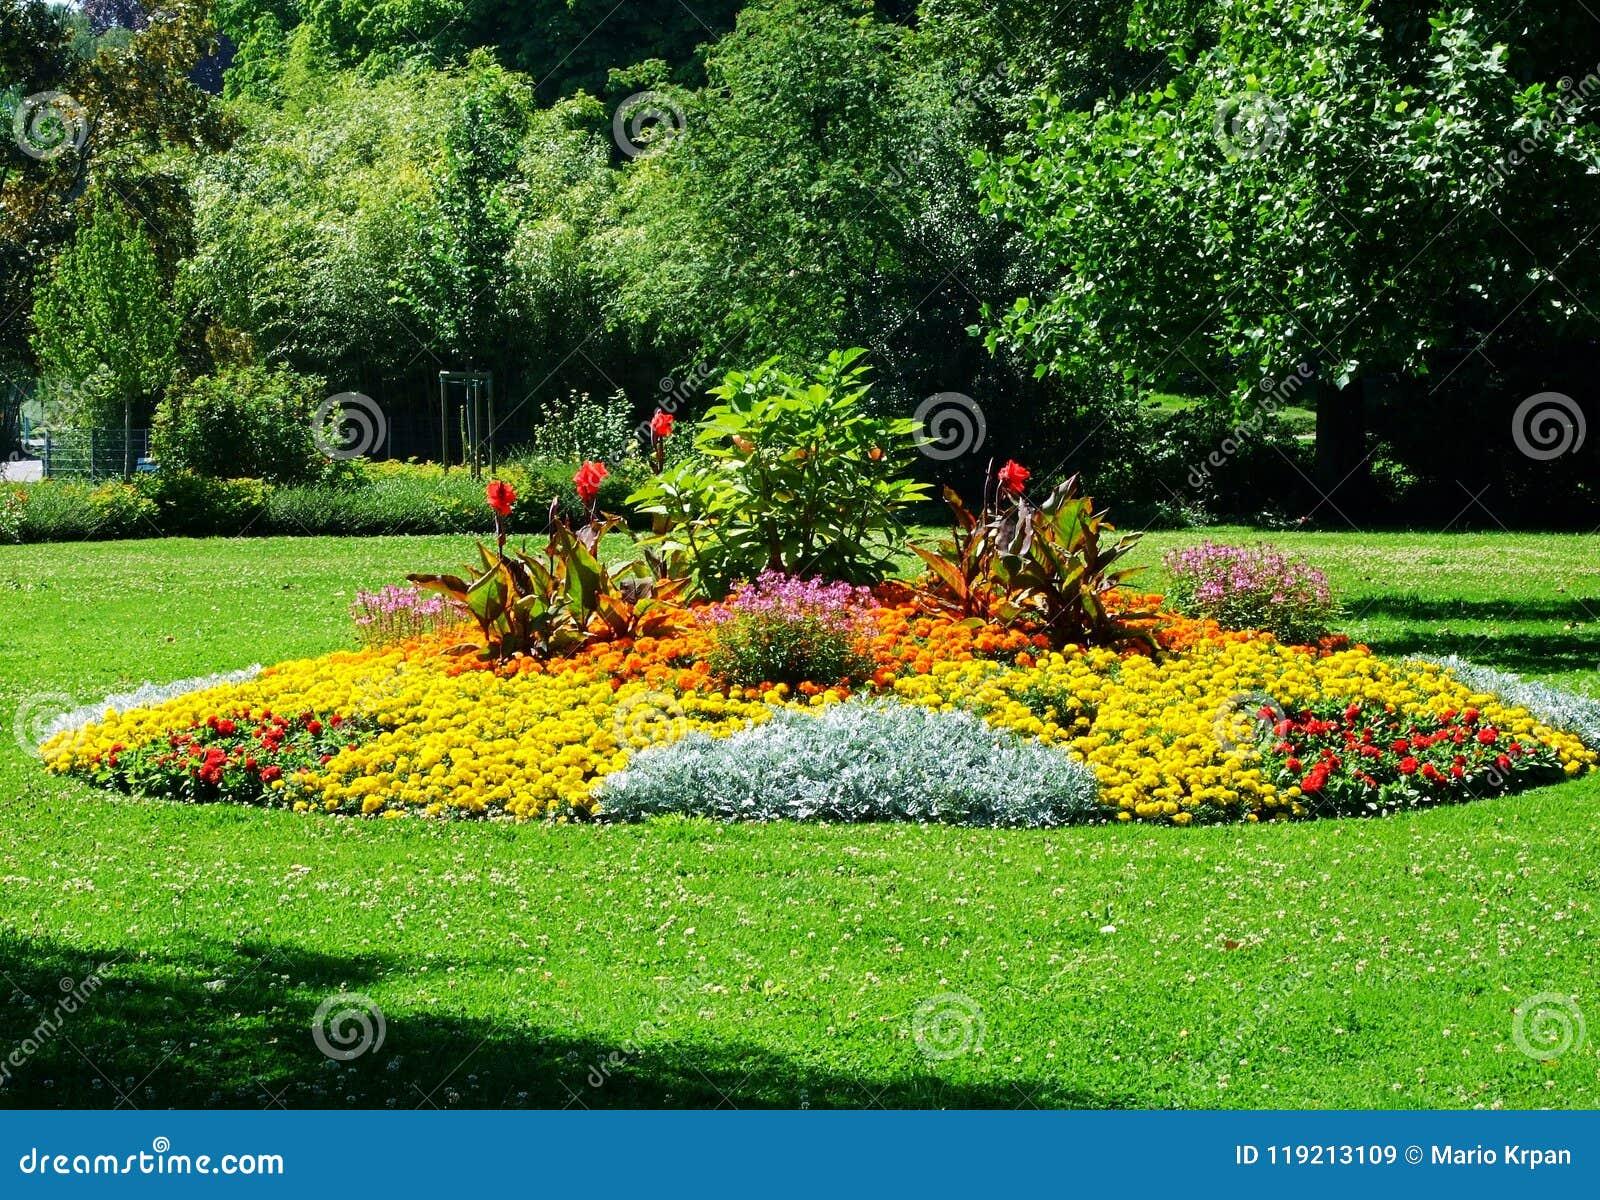 Jardin, Fleur, Parc, Ressort, Fleurs, Nature, Paysage, Vert, été ...